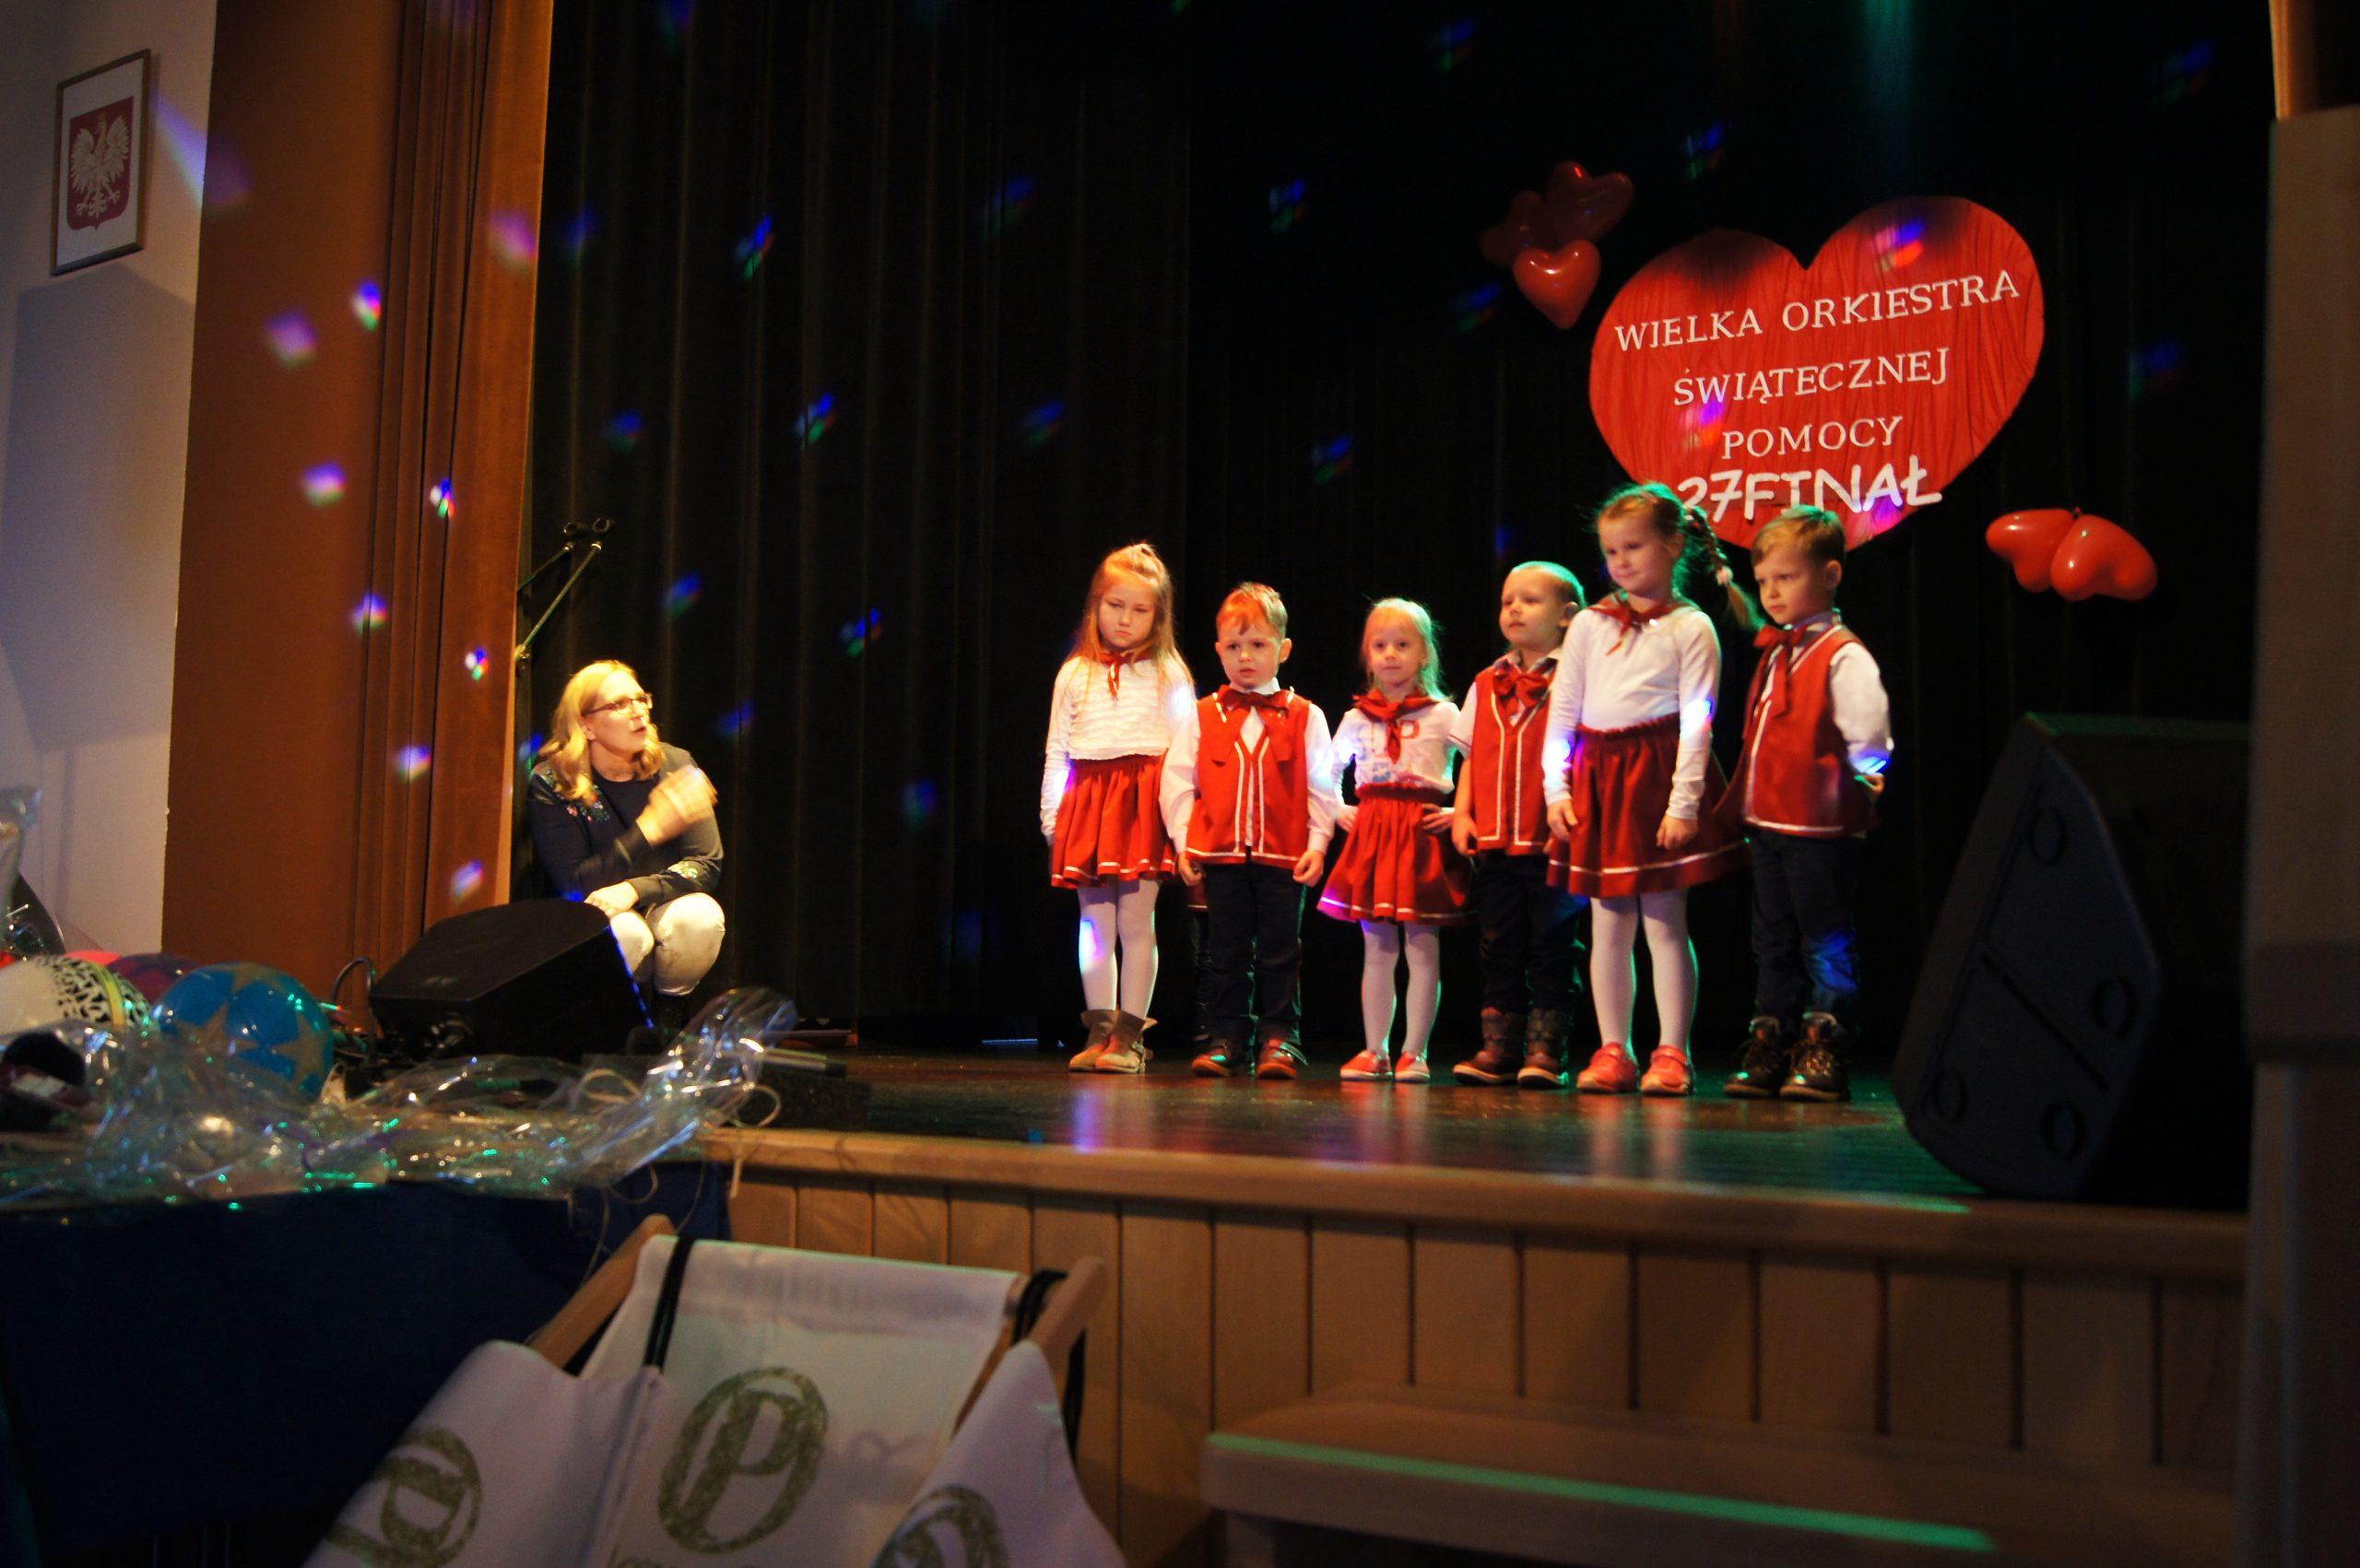 Zaprosili nas – 27. Finał Wielkiej Orkiestry Świątecznej Pomocy w Pszczewie